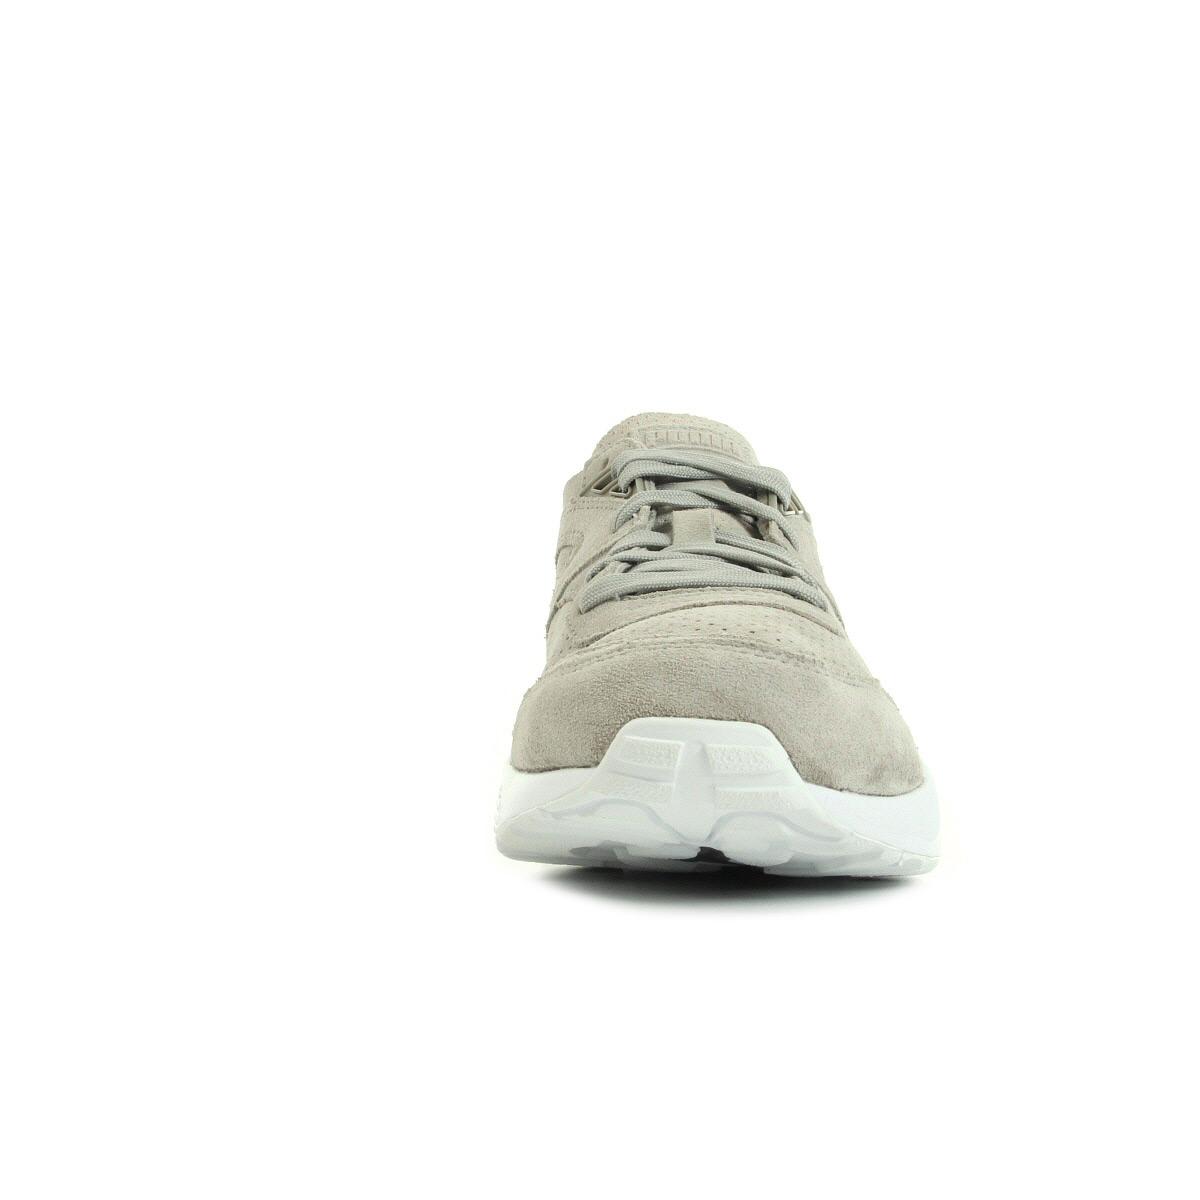 Puma R698 Soft 36010402, Baskets mode